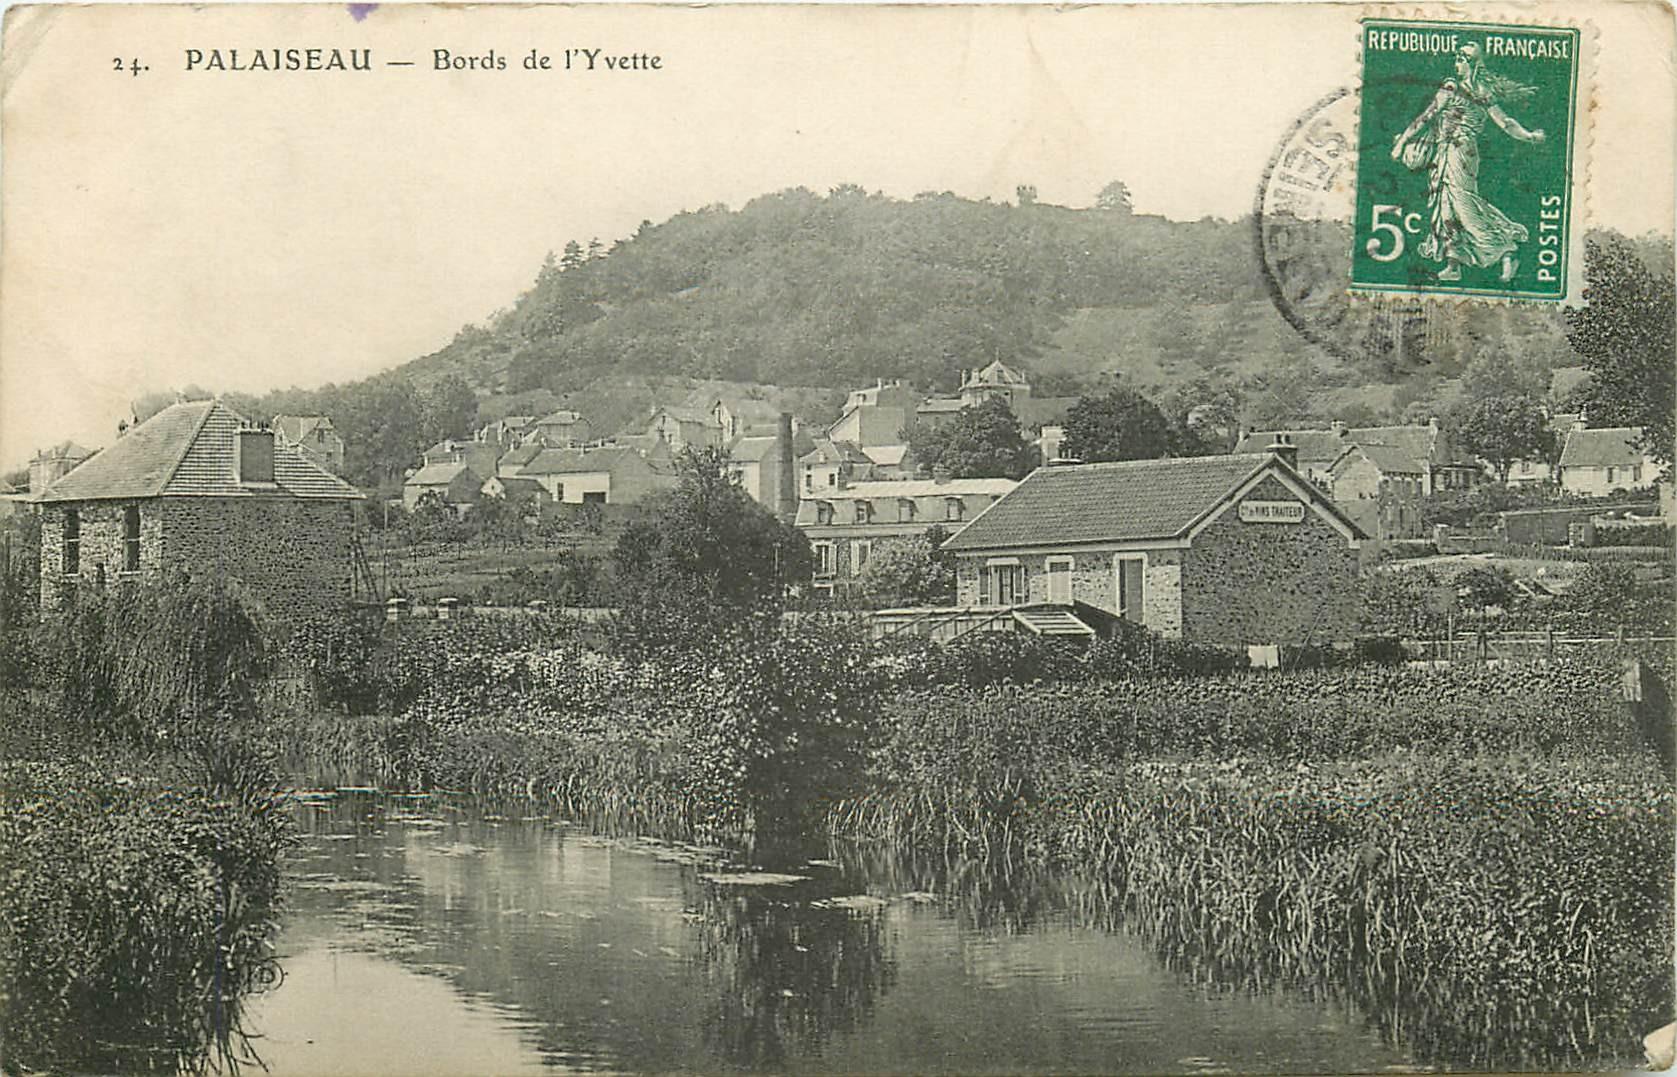 91 PALAISEAU. Bords de l'Yvette avec Traiteur et vins route de Paris